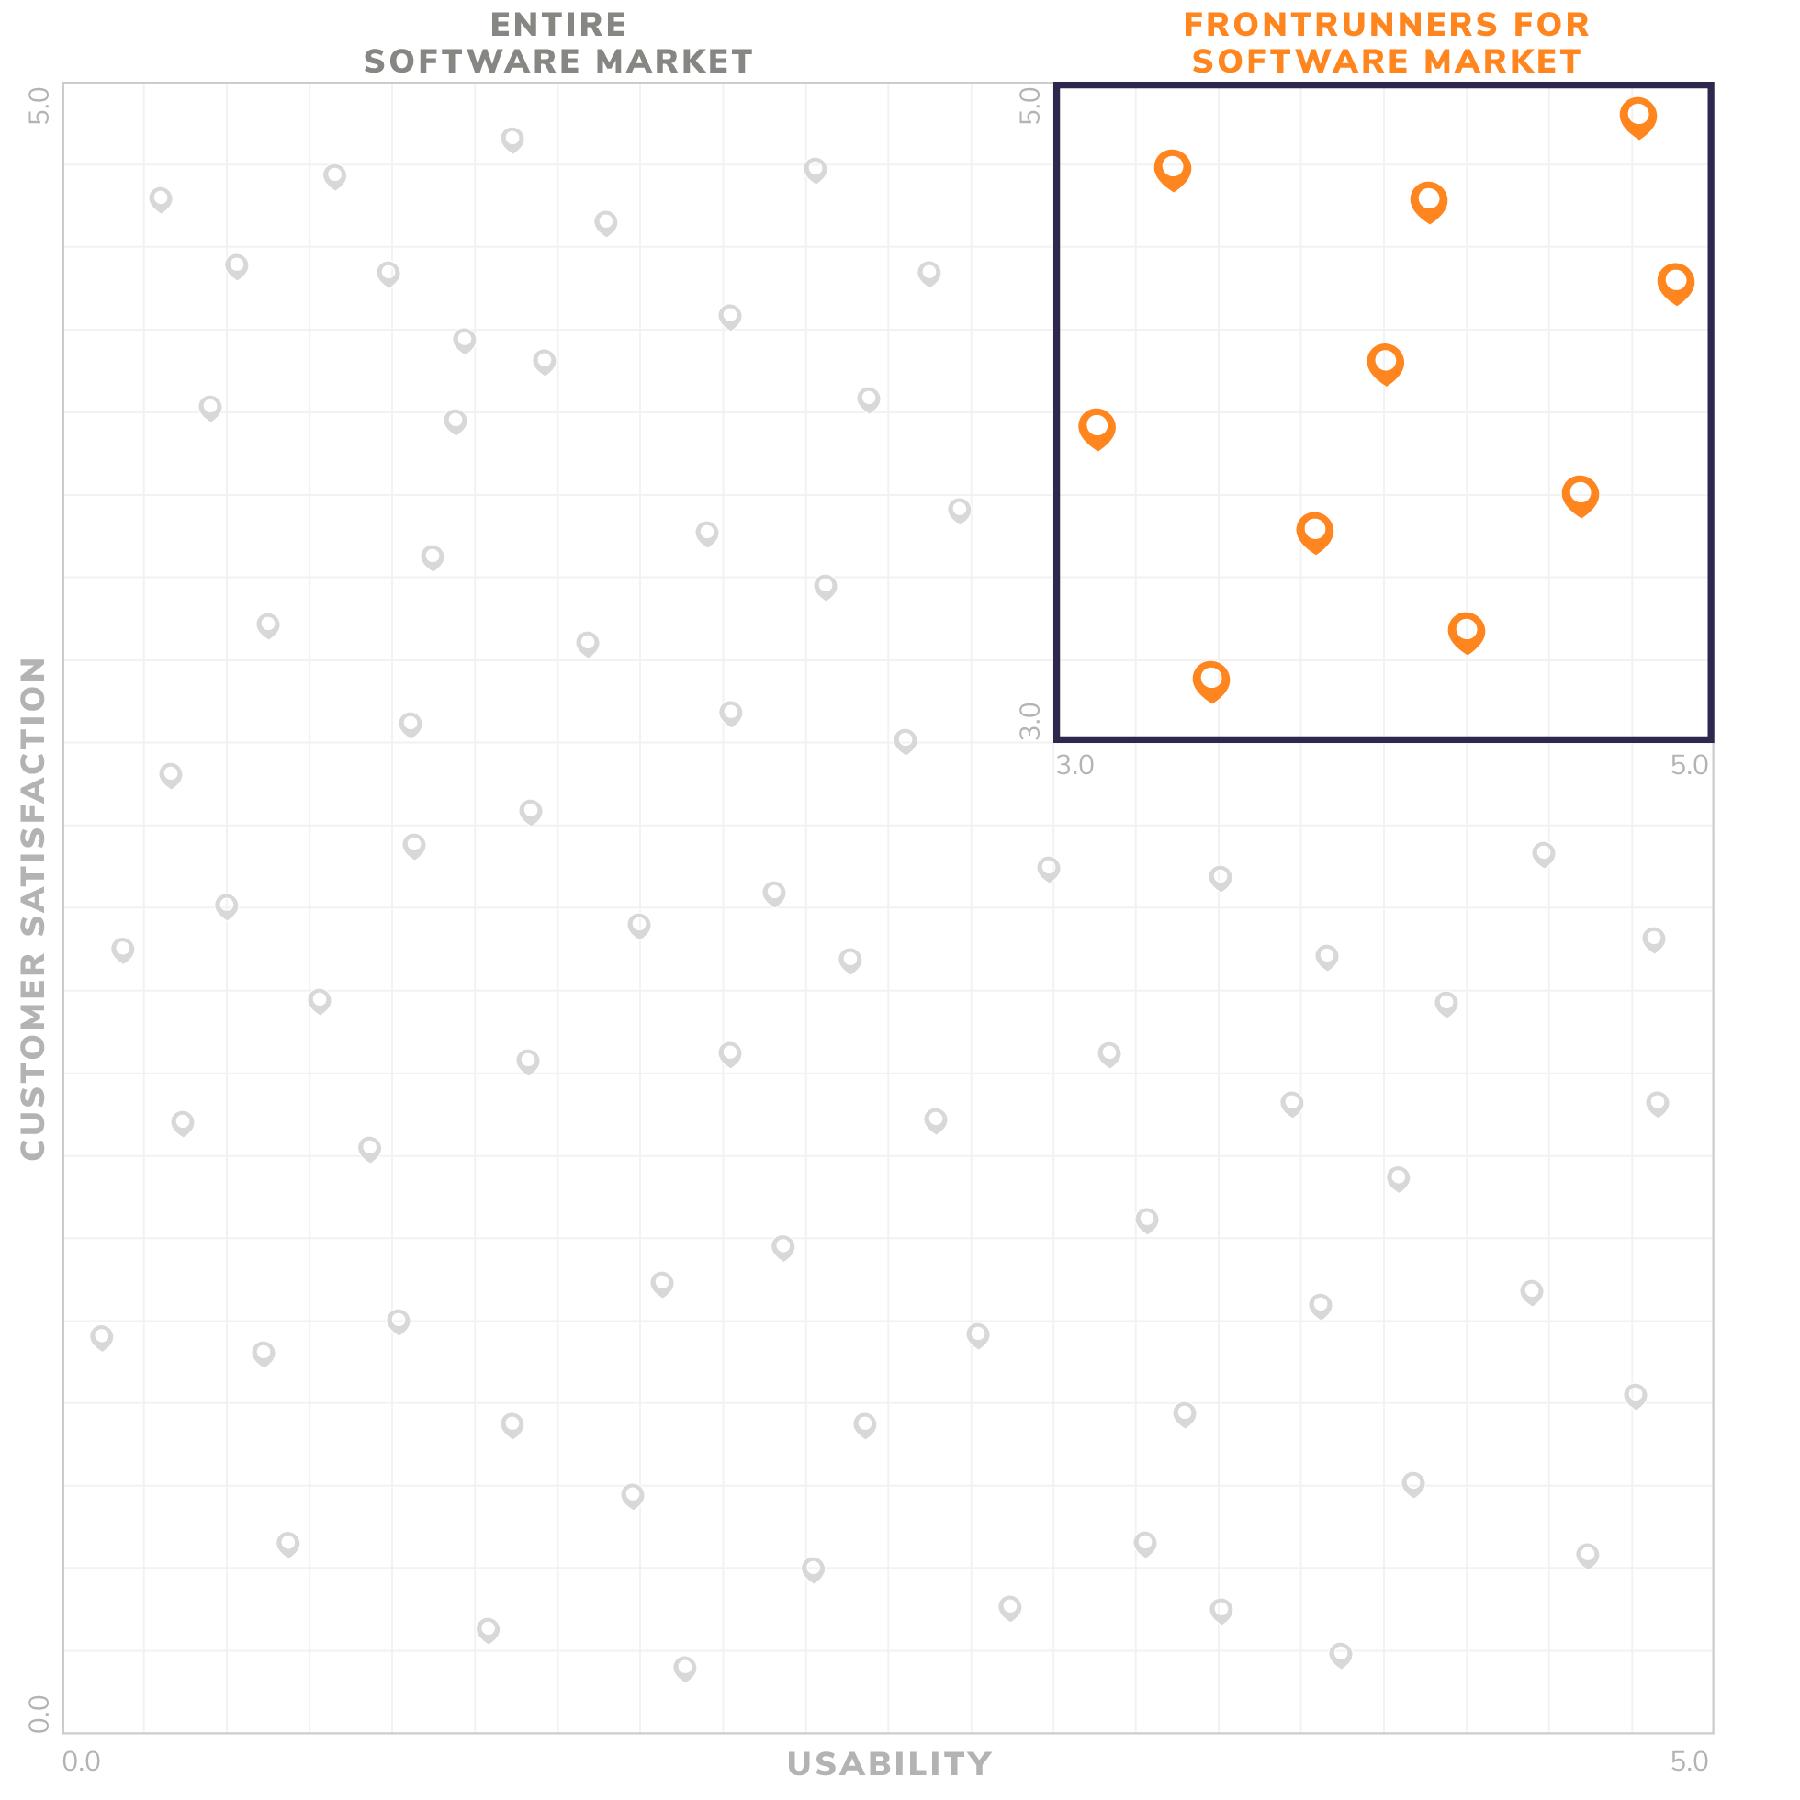 Frontrunner quadrant